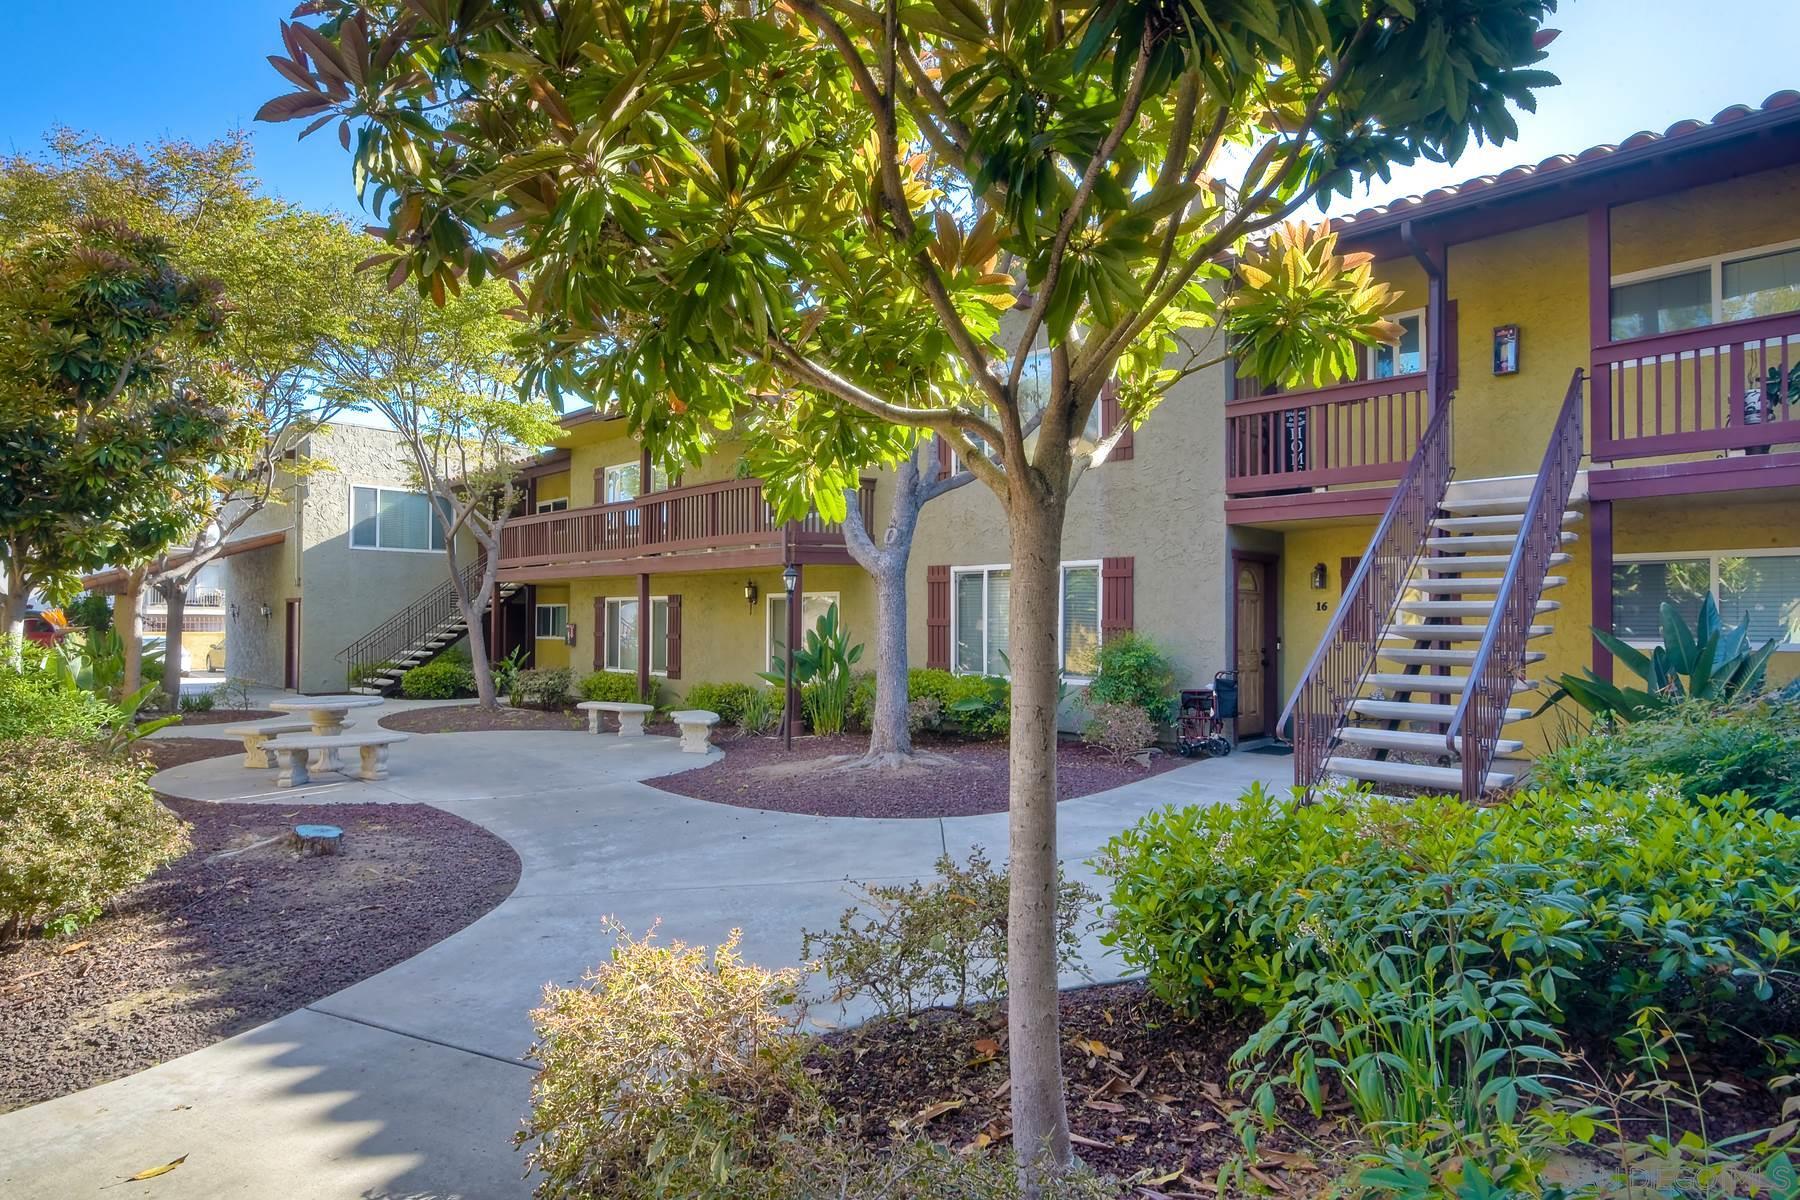 1000 Estes St, El Cajon, California 92020, 2 Bedrooms Bedrooms, ,2 BathroomsBathrooms,Townhouse,For Sale,1000 Estes St,1,210009141